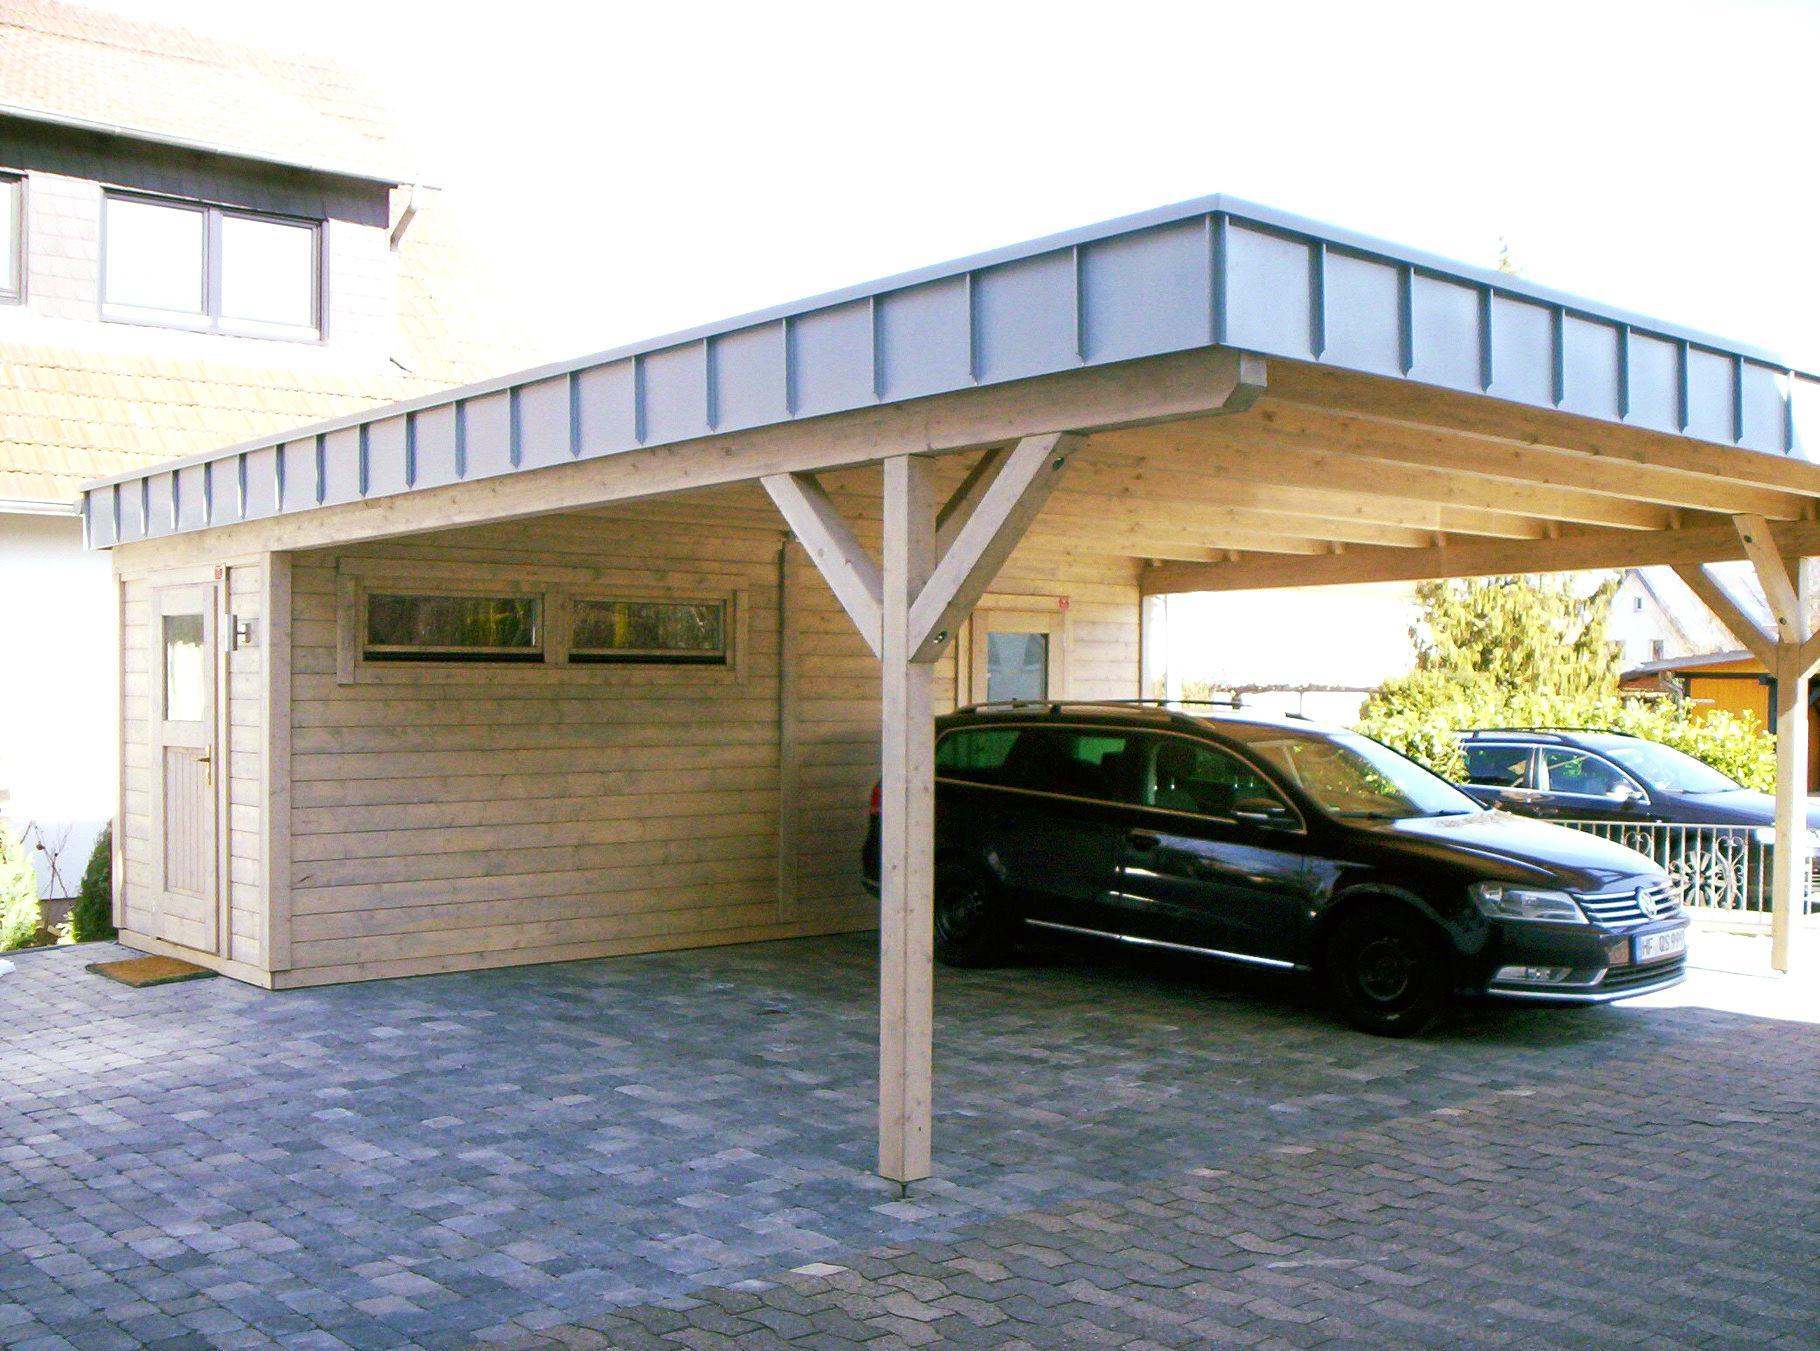 Doppel-Carport, Abstellraum, Flachdach